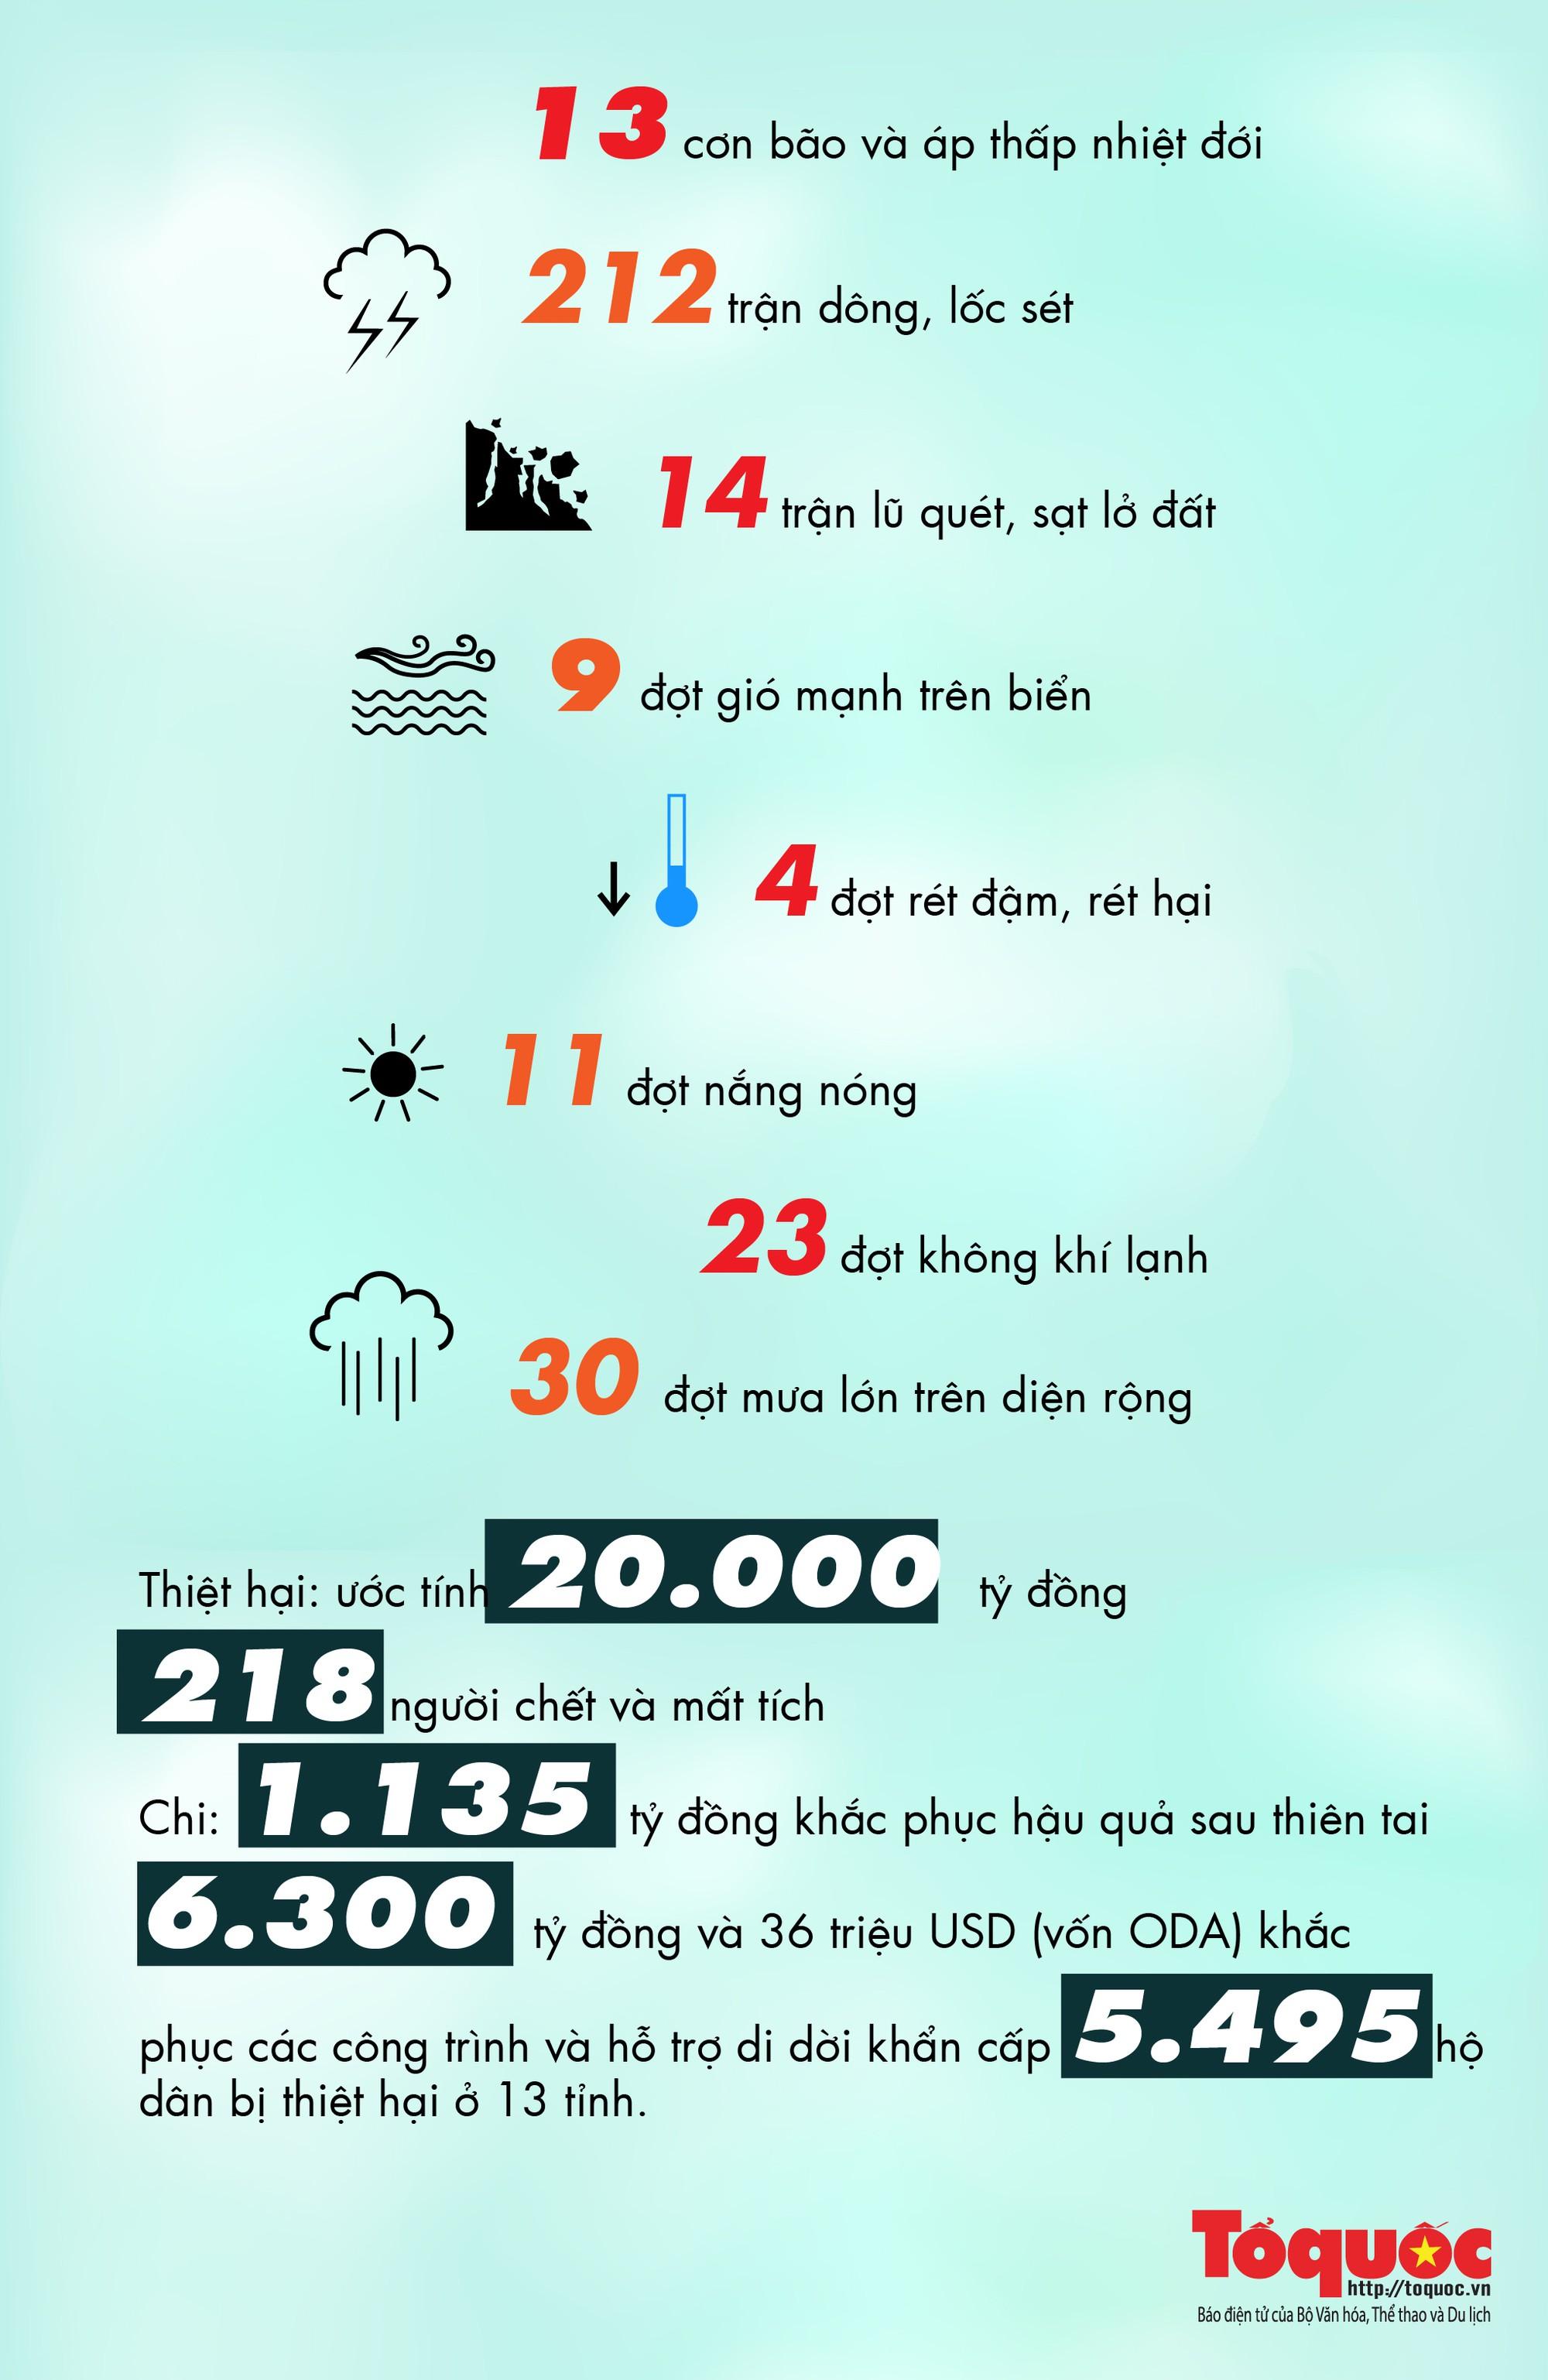 [Infographics]: Mưa, bão, giông, lốc cuốn bay 20.000 tỷ đồng trong năm 2018 - Ảnh 1.